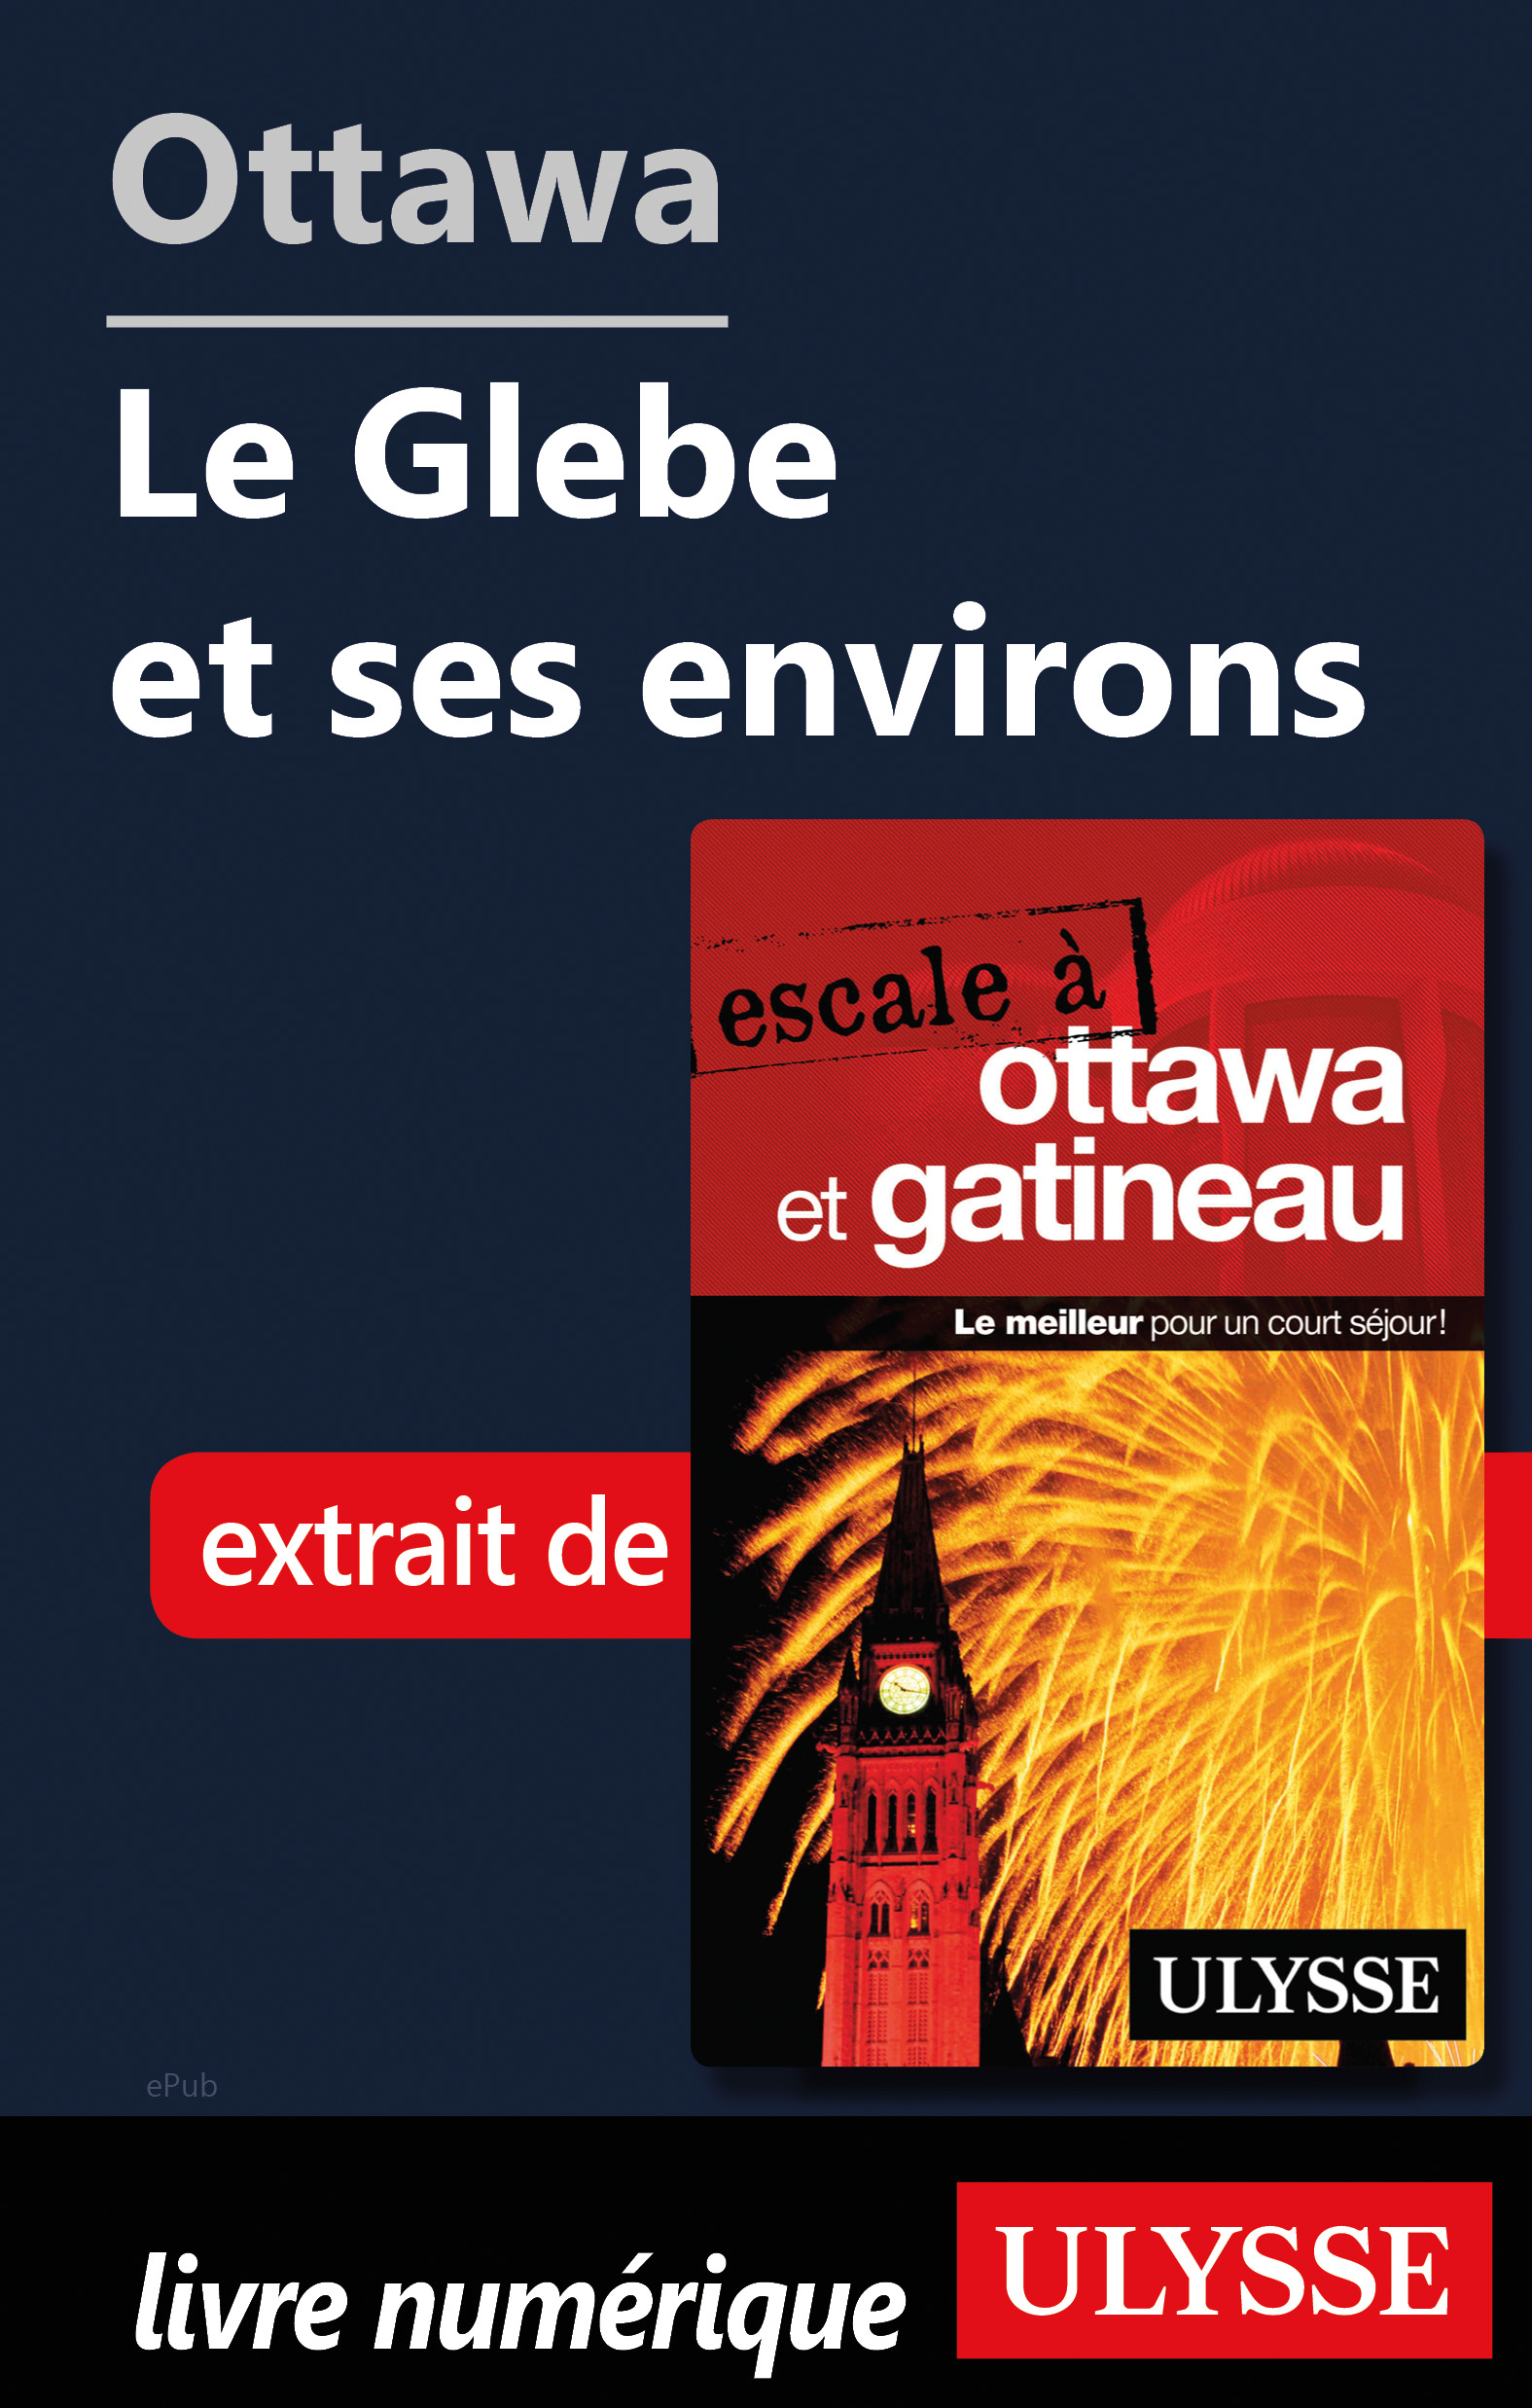 Ottawa: The Glebe et ses environs